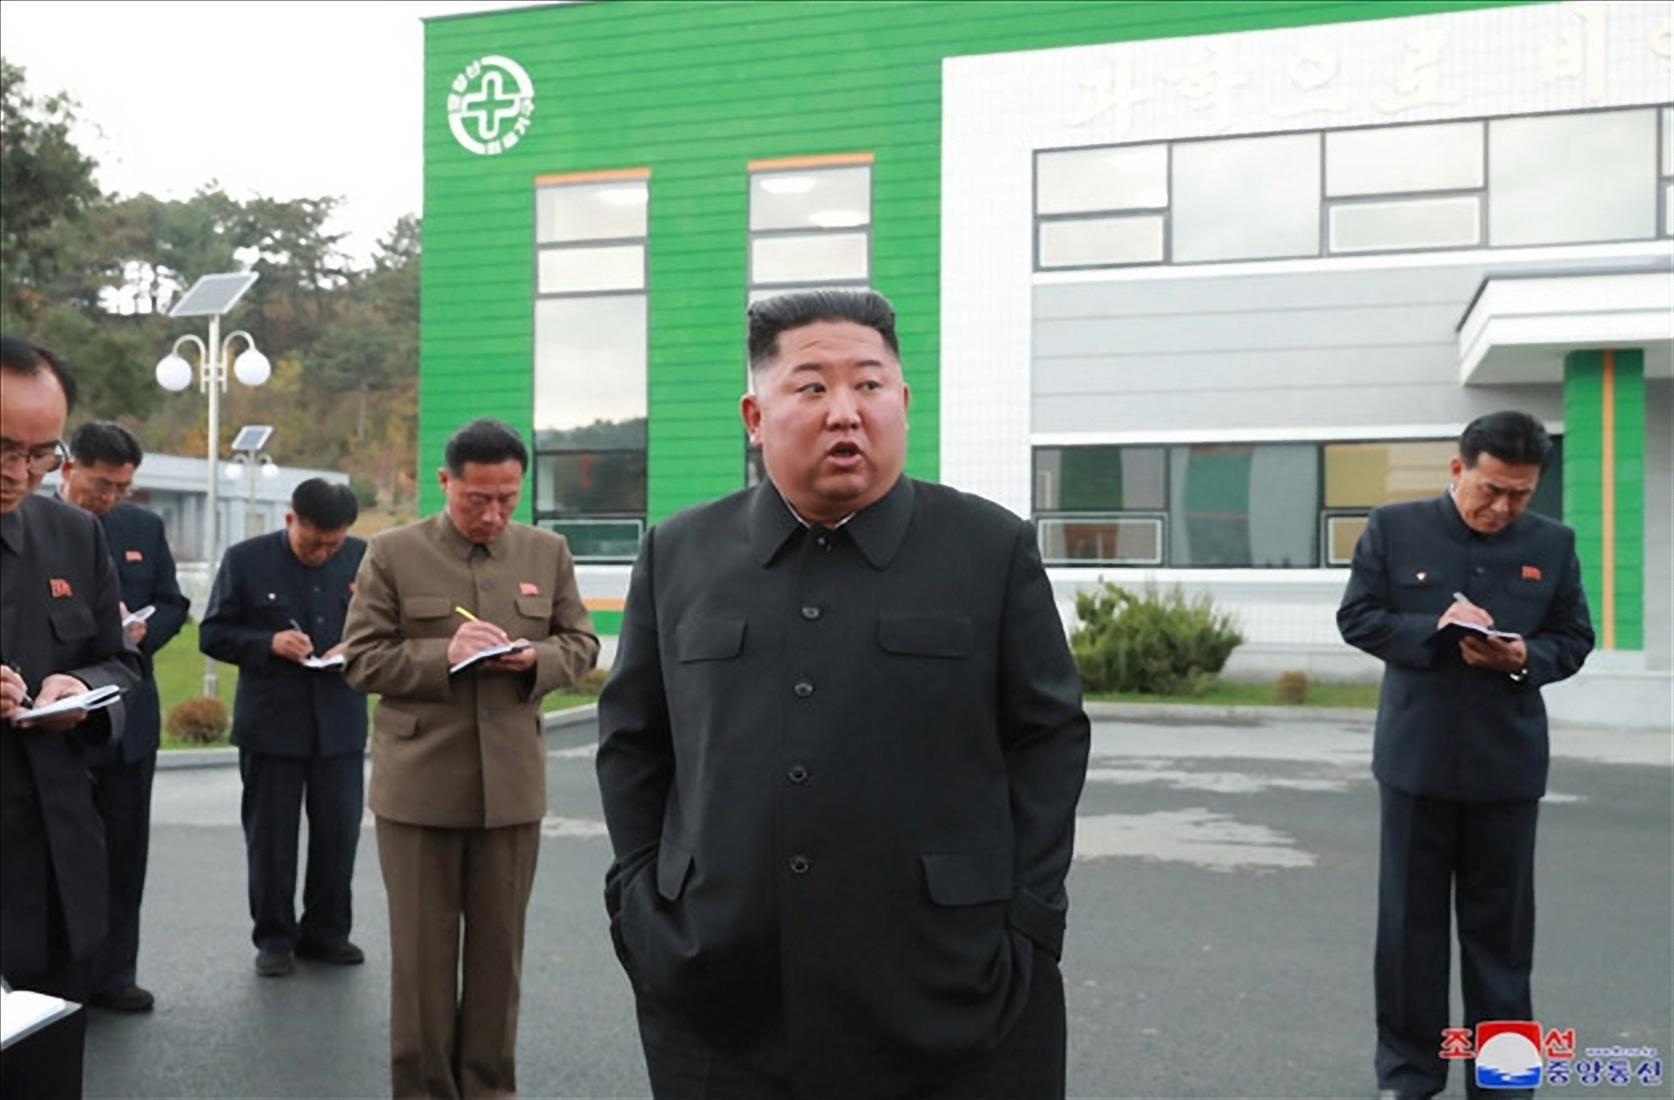 김정은 북한 국무위원장이 두 손을 주머니에 넣고 현지지도를 하고 있다. 당 간부들이 열심히 노트필기를 하고 있다. [조선중앙통신=연합뉴스]